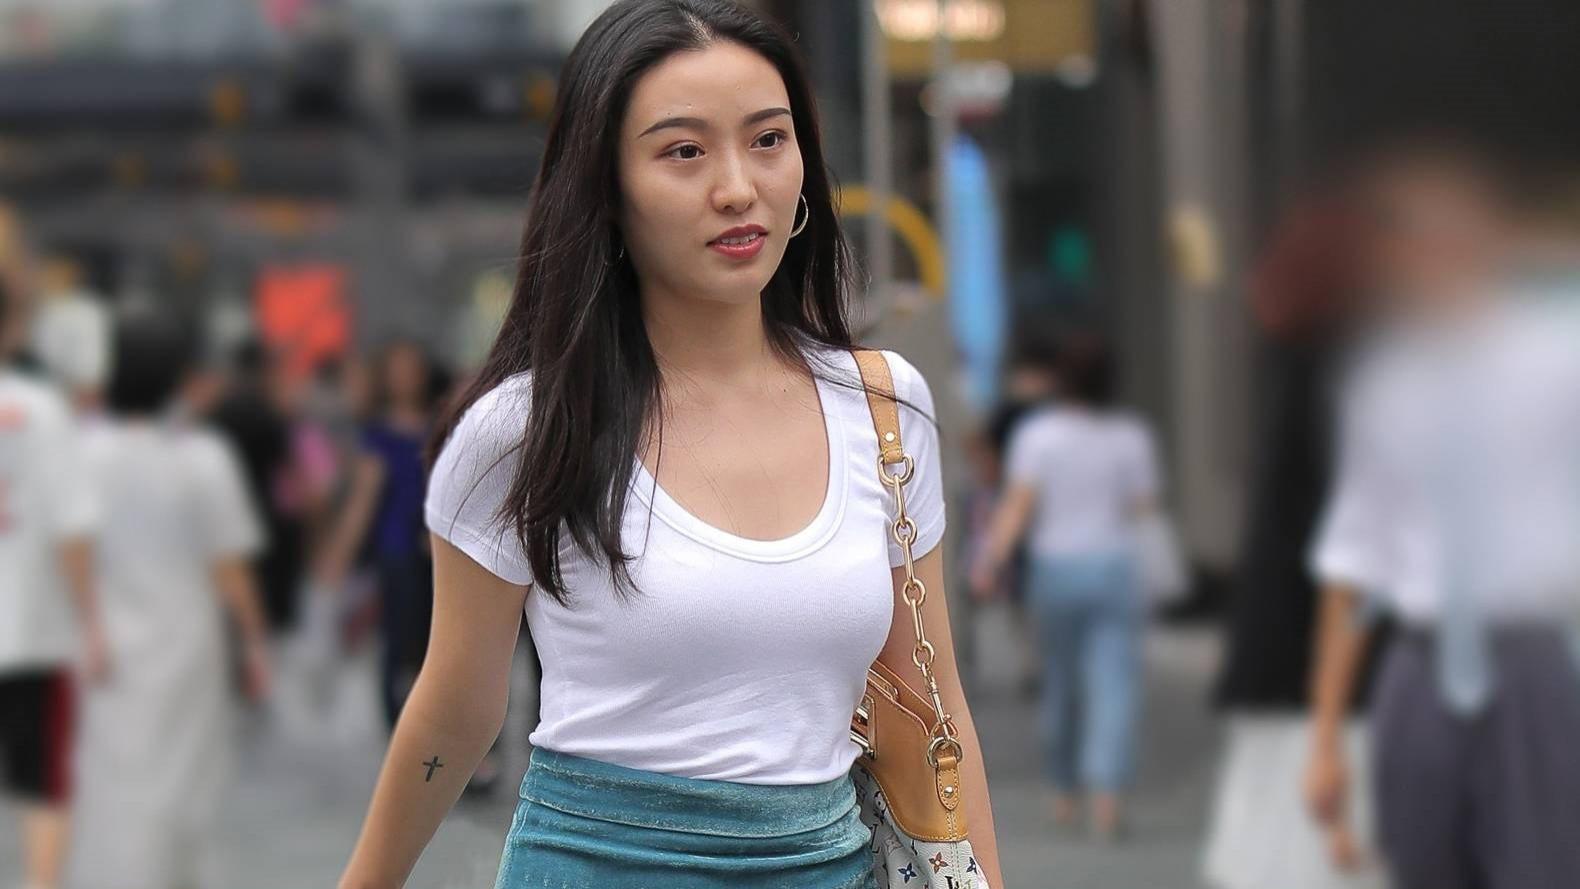 白色T恤搭配蓝色天鹅绒裙和水晶高跟凉鞋,尽显知性优雅